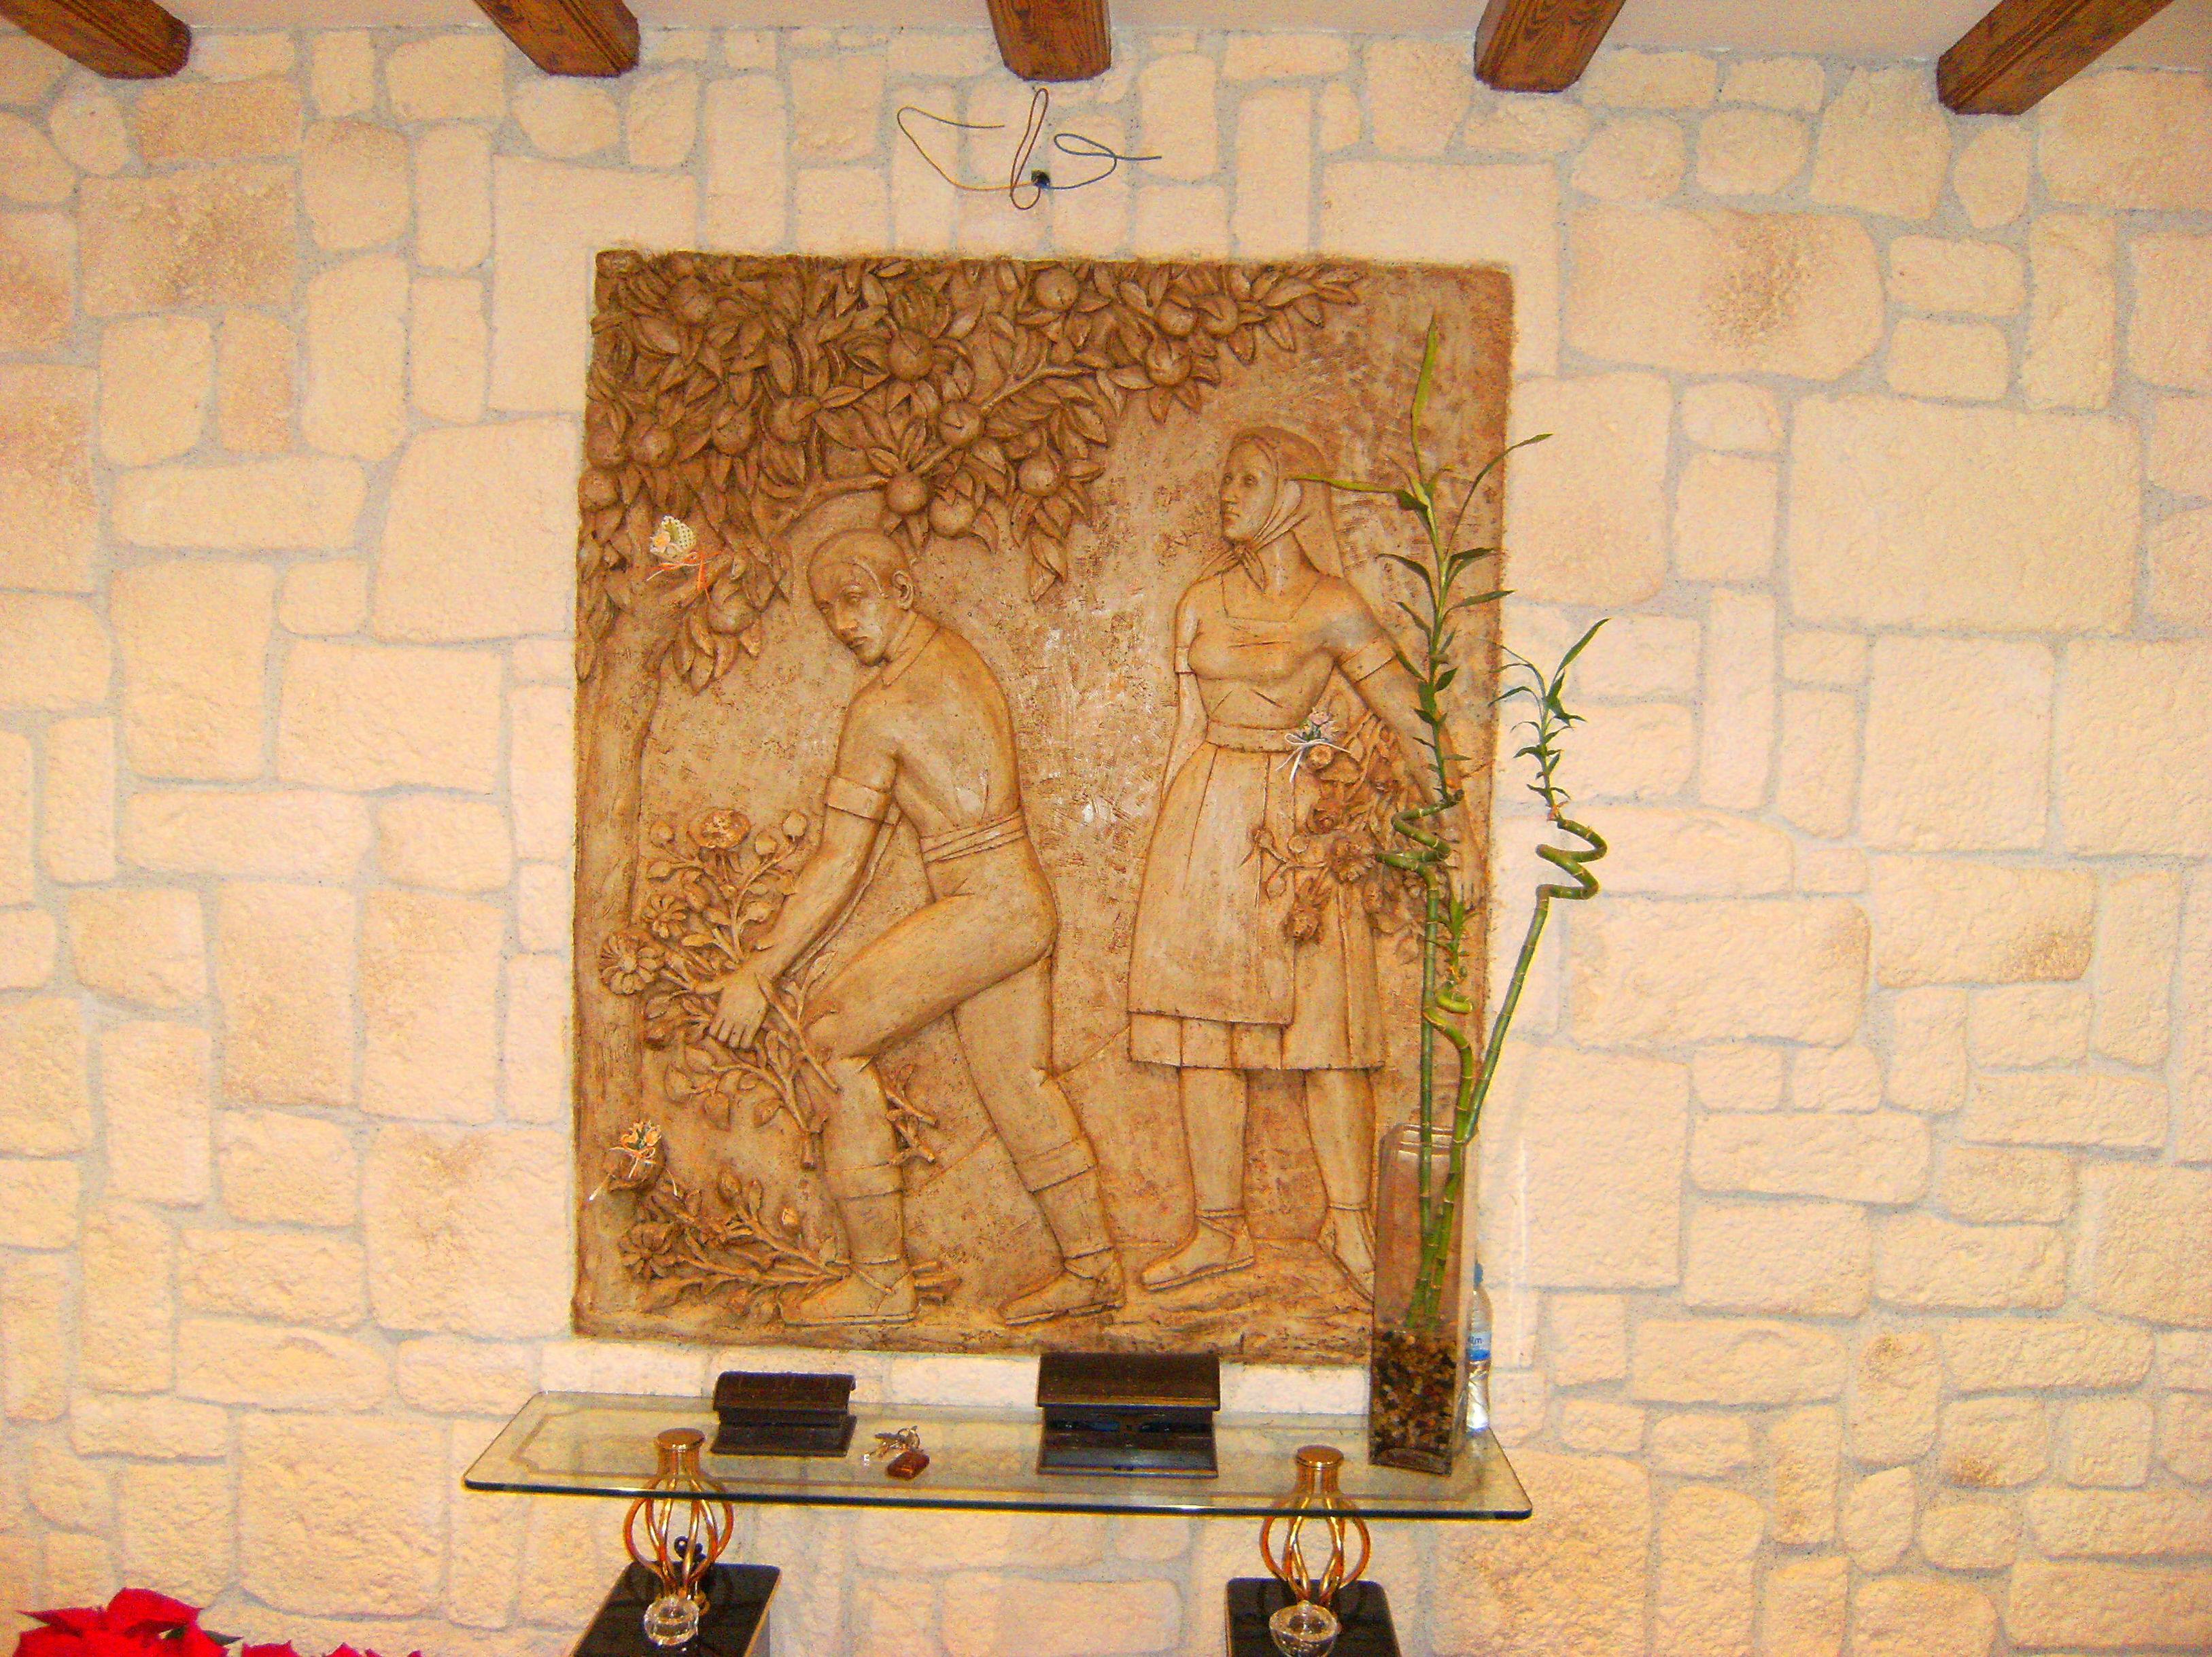 mural de piedra encastrado en la pared